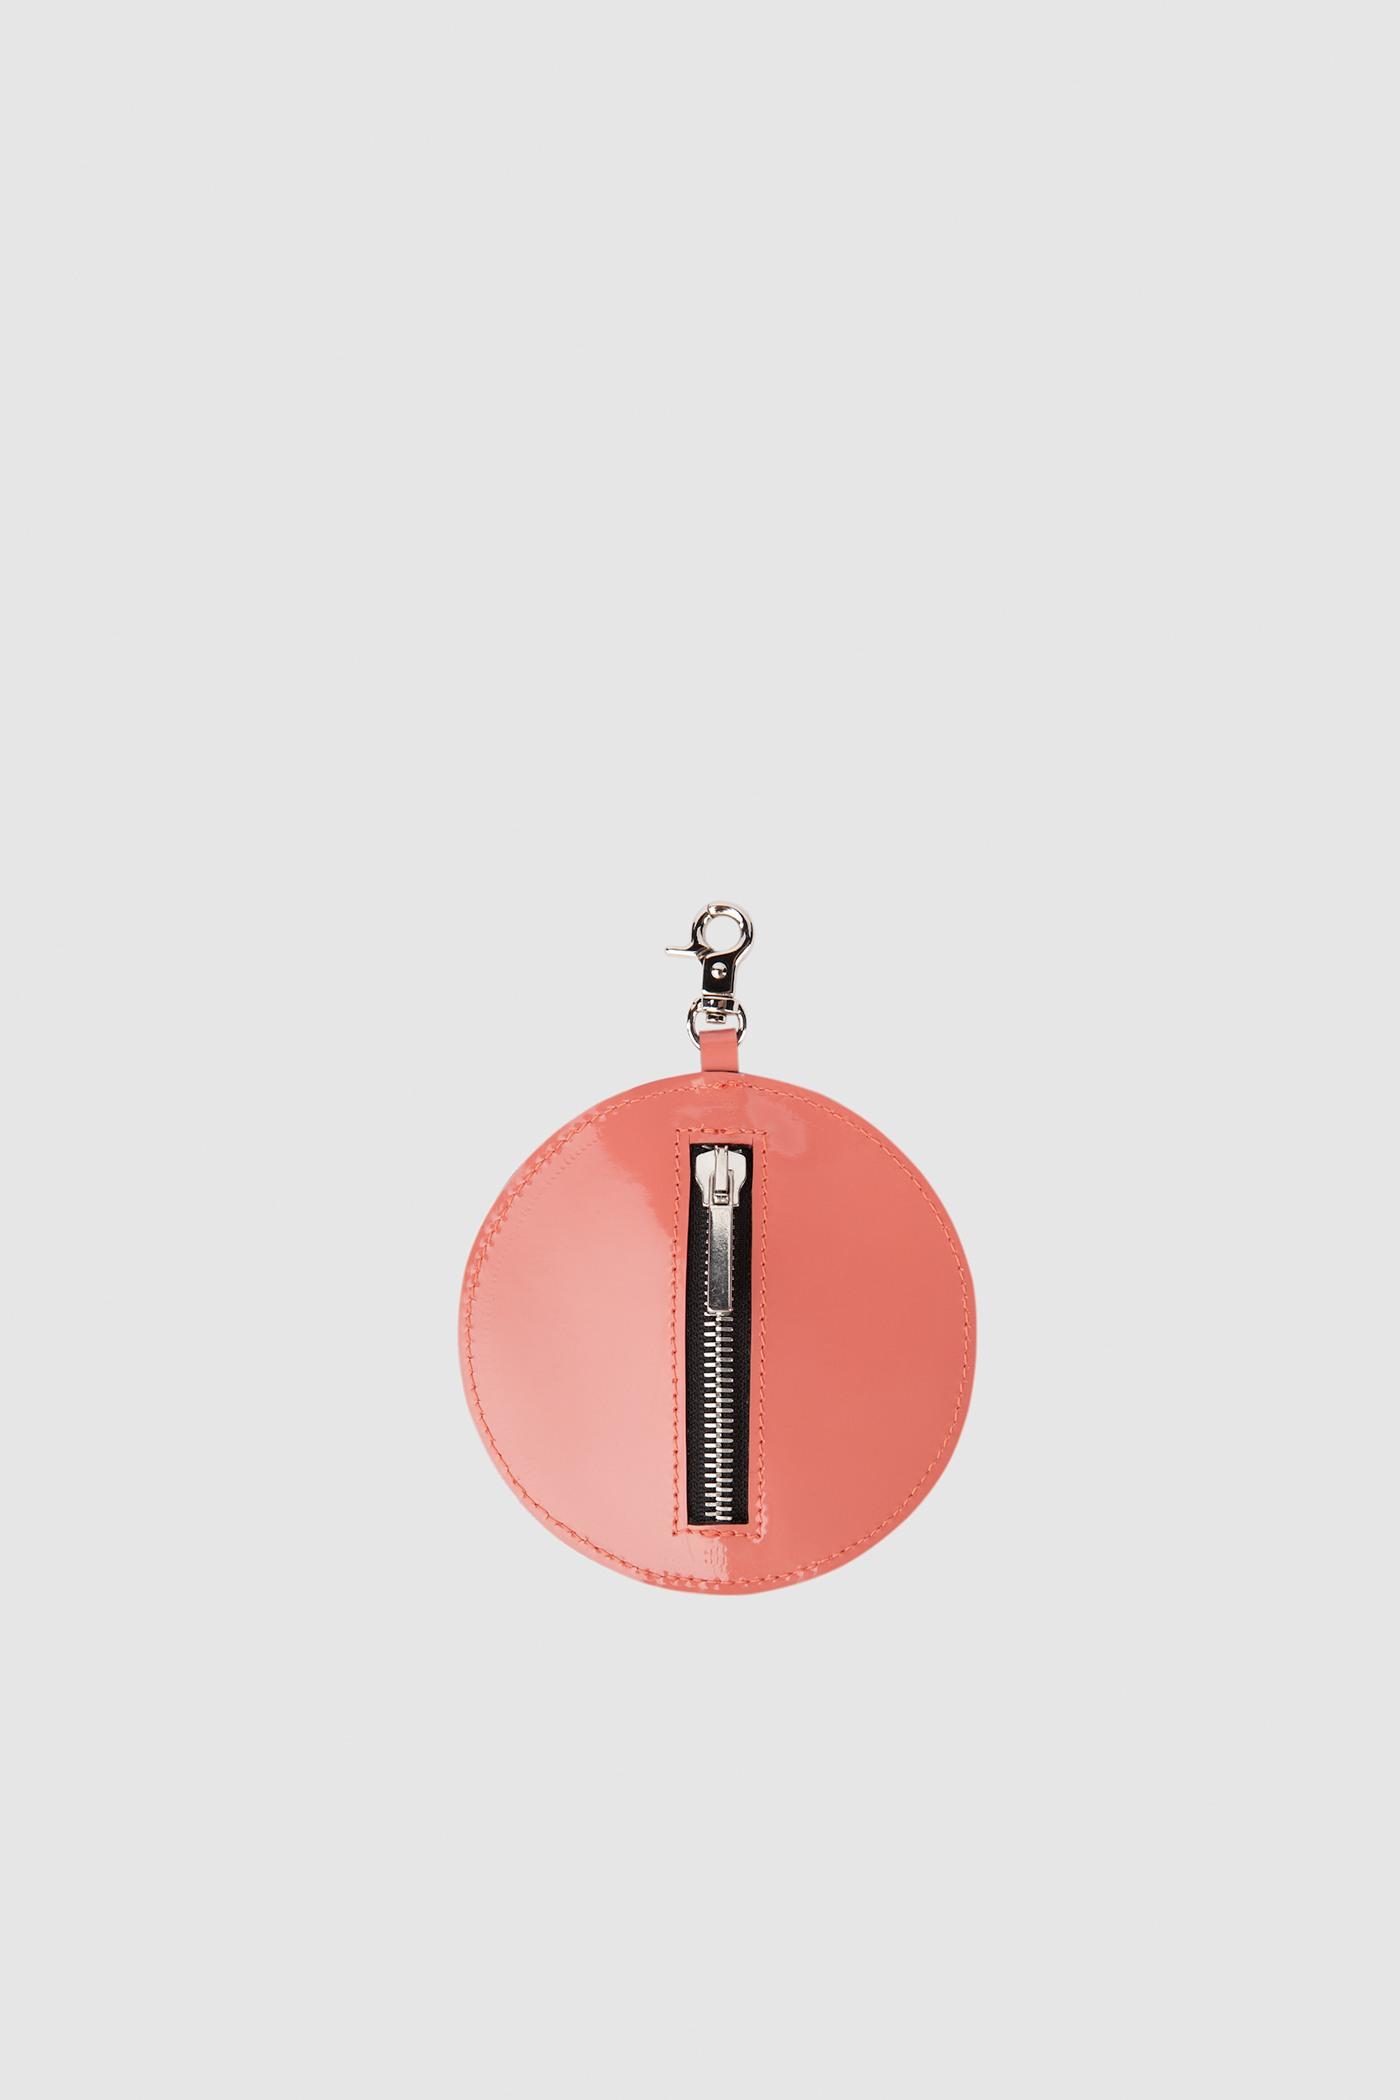 МонетницаКруглая монетница на карабине, на которую наносятся персональные инициалы из двух символов.<br><br>Цвет: Белый, Желтый, Пурпур, Лососево-розовый, Черный